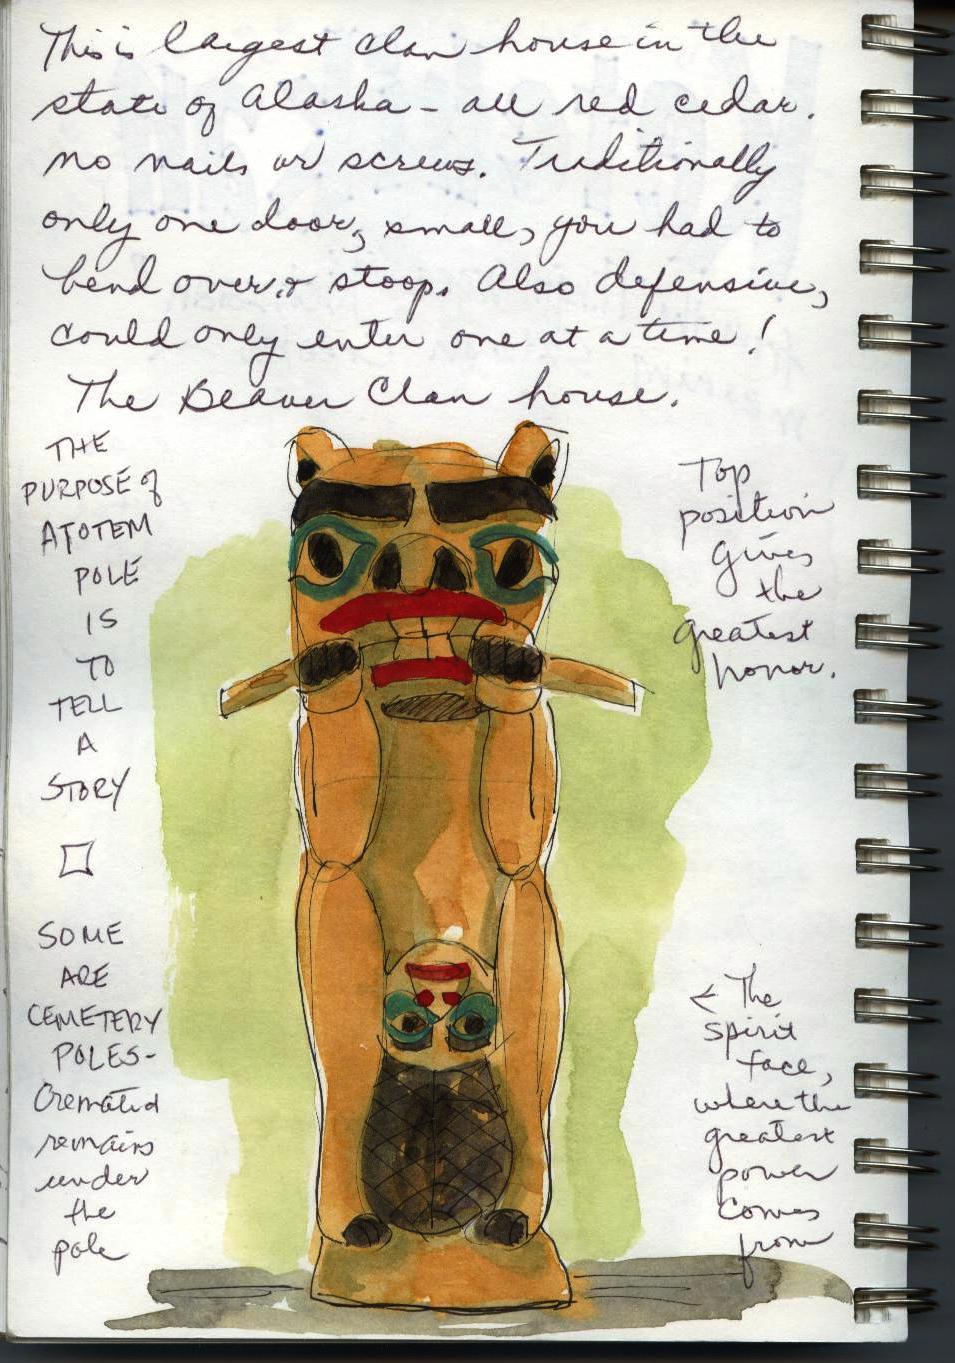 Alaska, art journal, watercolor, sketching, travel, Alaskan native culture